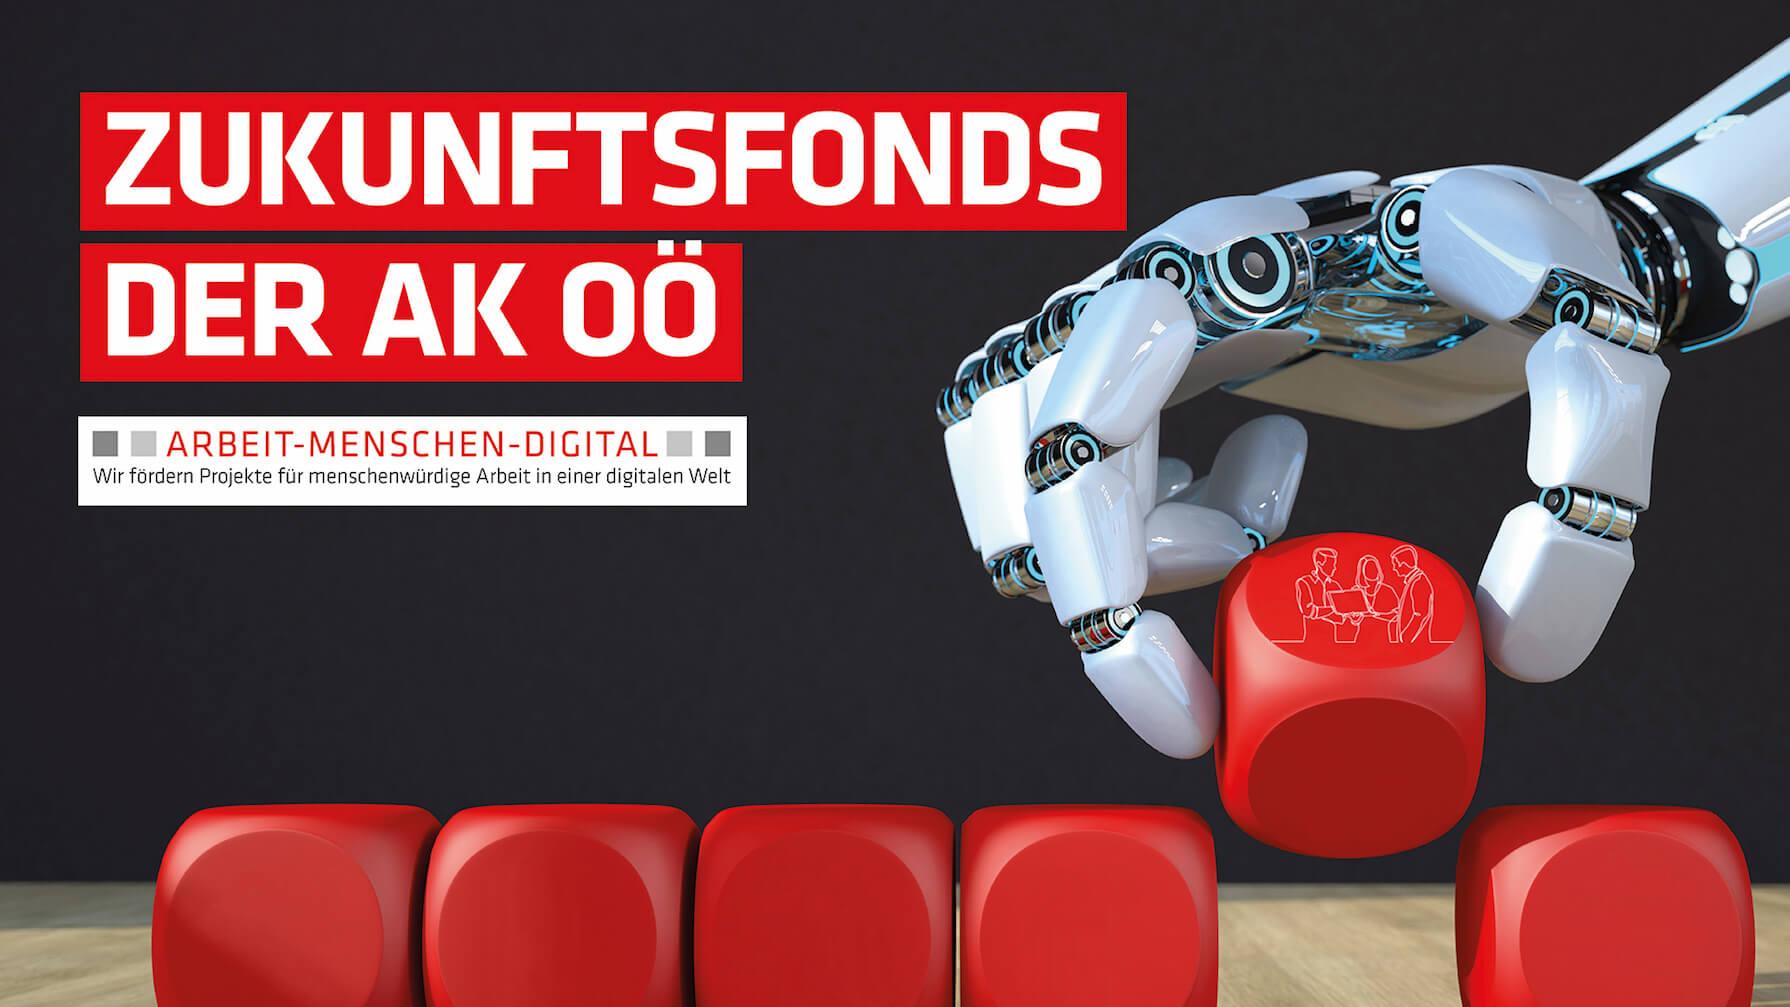 Zukunftsfonds der AK OÖ